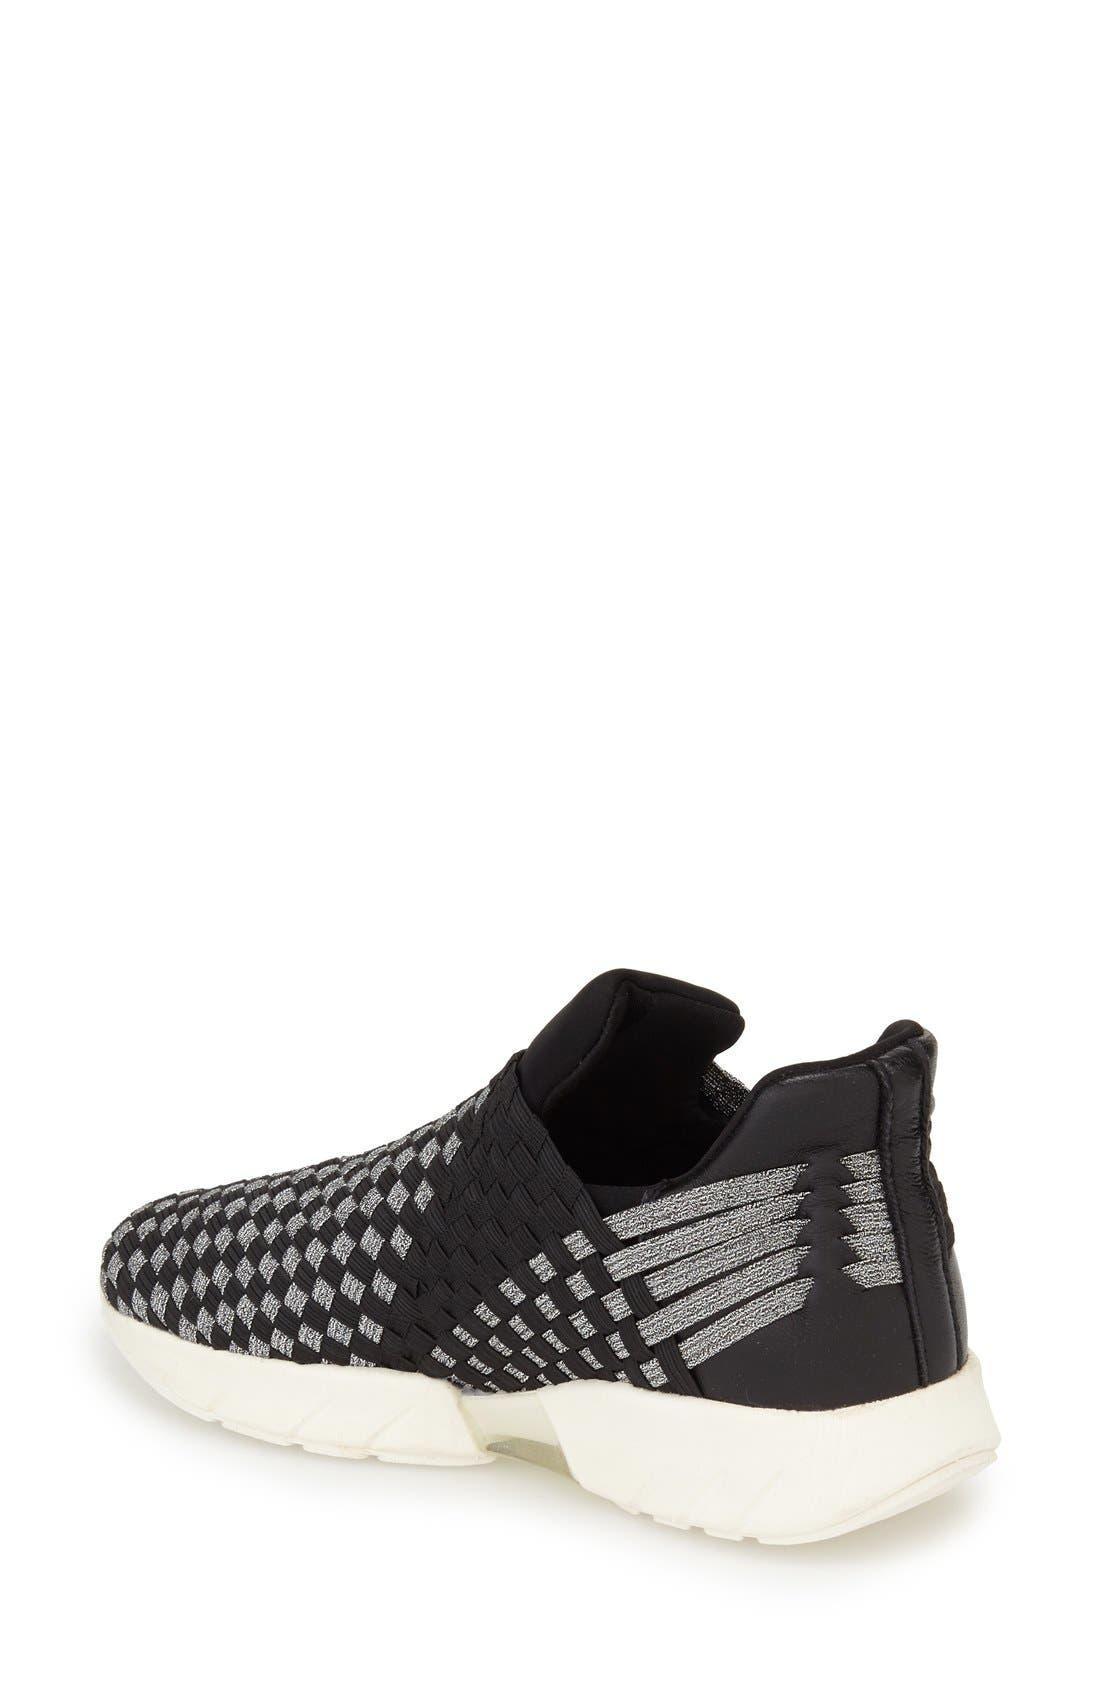 'Razer' Woven Slip-On Sneaker,                             Alternate thumbnail 2, color,                             014